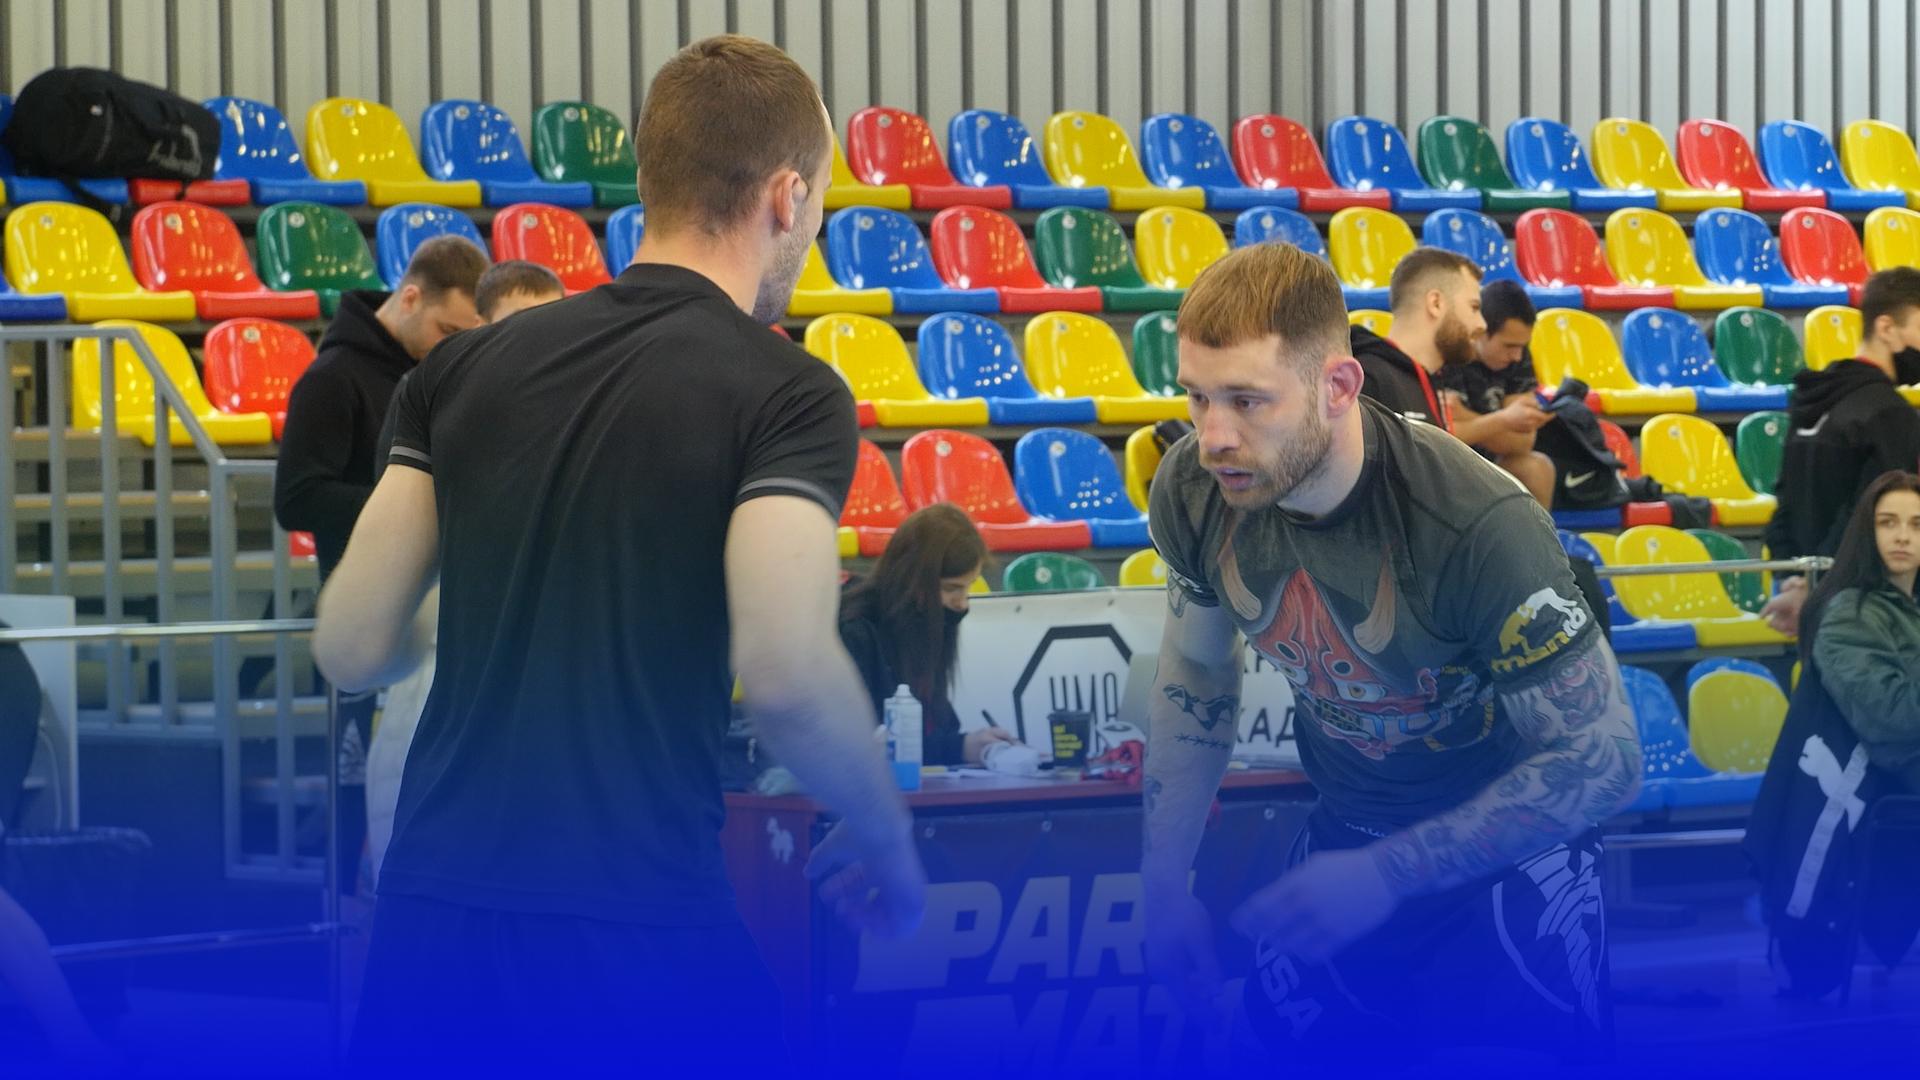 """Вперше у Тернополі відбувся Всеукраїнський турнір з джиу-джитсу """"Uma cup jiu-jitsu"""""""